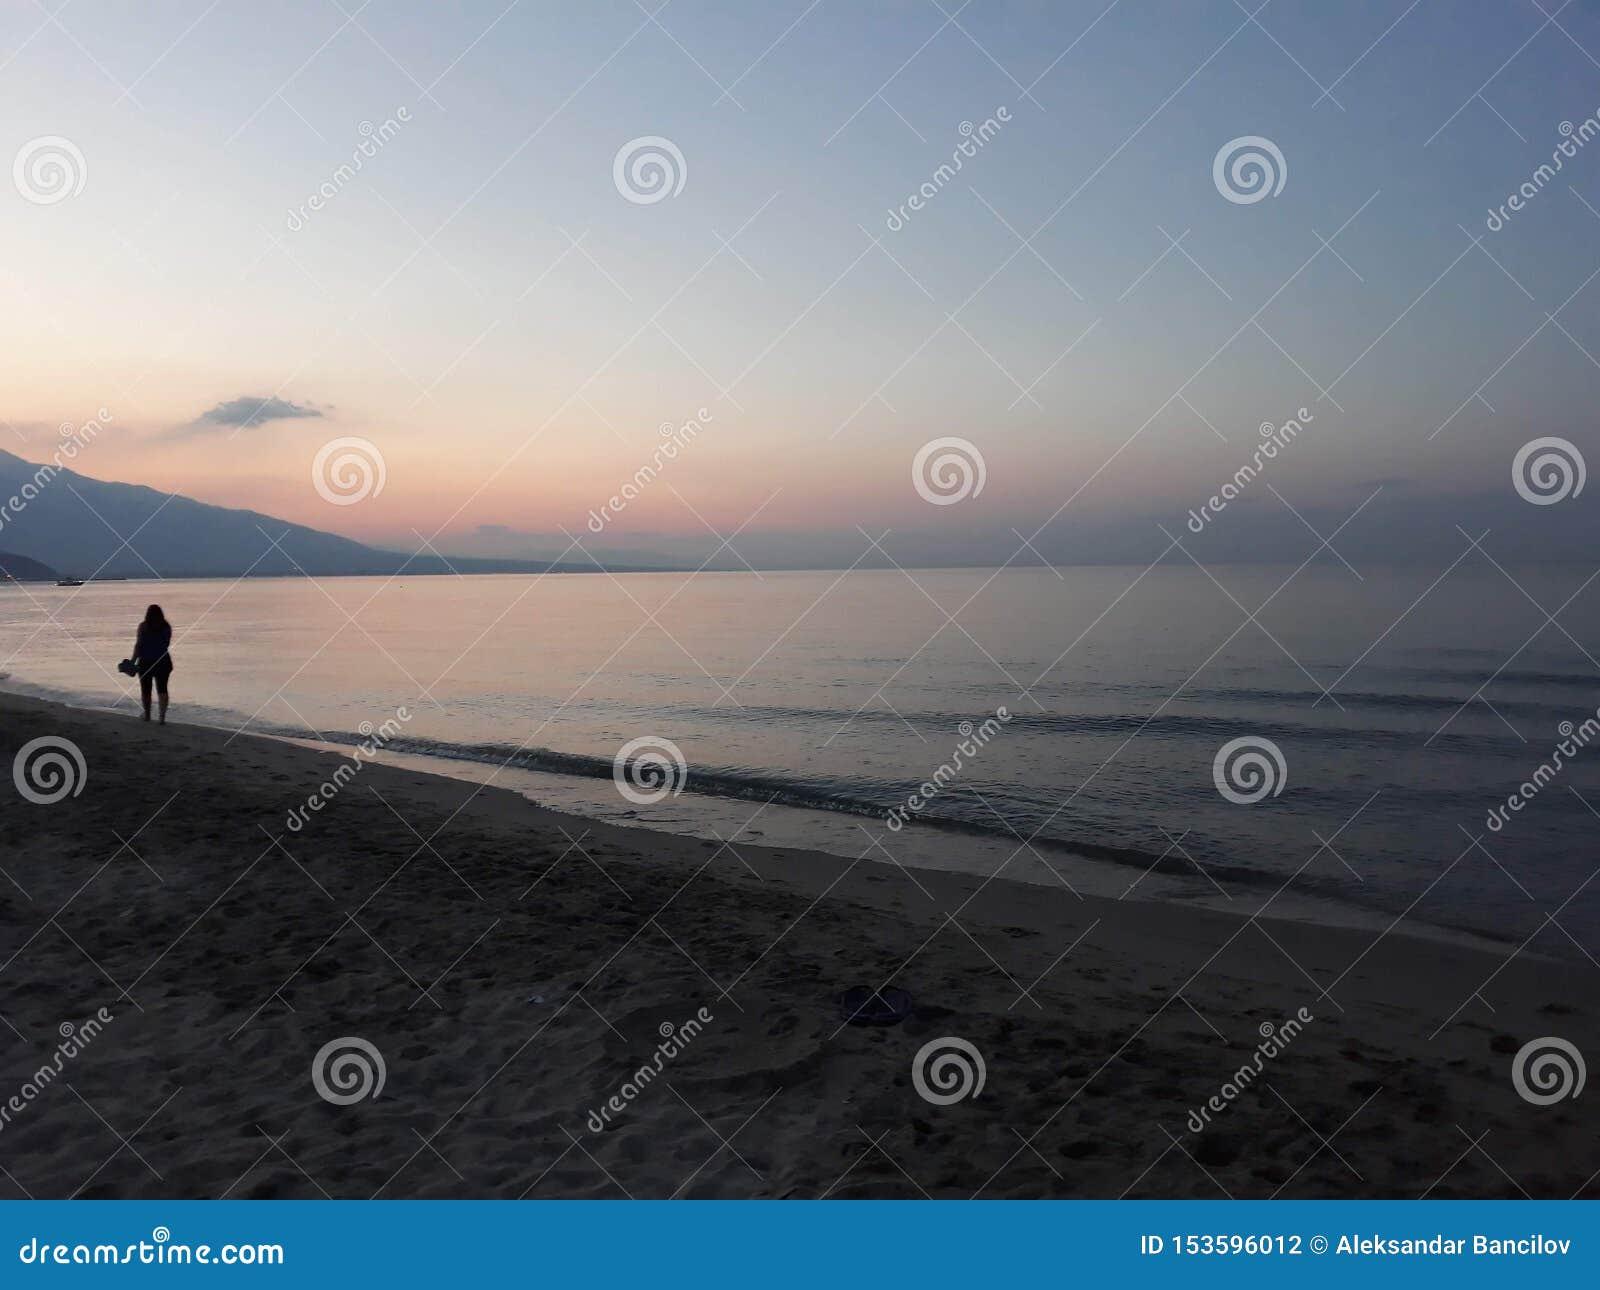 Ηλιοβασίλεμα στη θάλασσα στην Ελλάδα